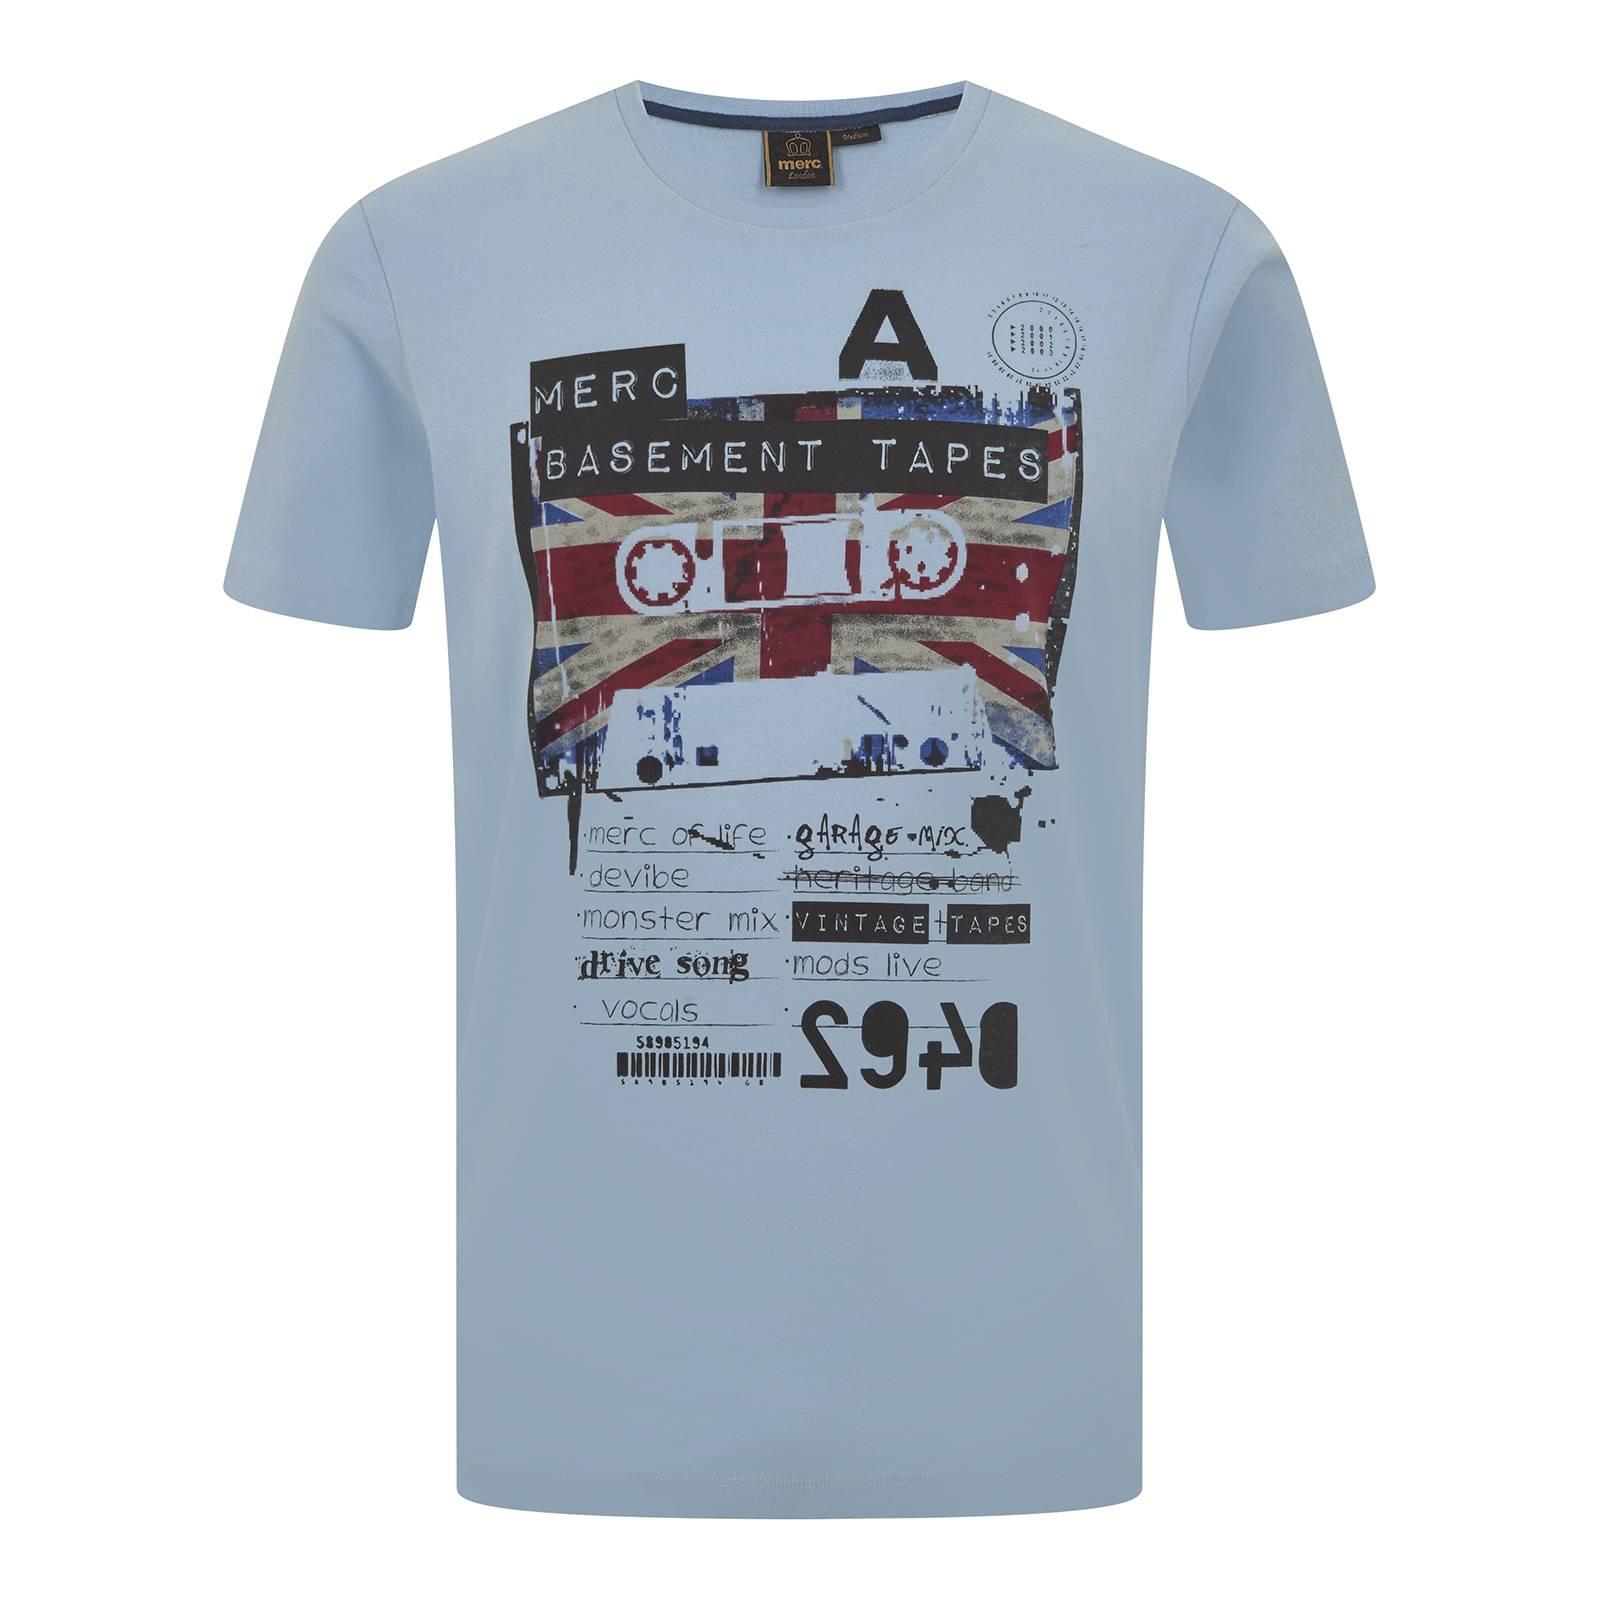 Футболка SonikФутболки<br>Продолжая знаковую для идентичности бренда тему музыкального наследия британской субкультурной сцены 60-80-х, эта мужская футболка посвящена импровизированному релизу сборника гаражного рока, выпущенному неизвестным истории андеграундным рекорд лейблом Merc Basement Tapes на старой доброй компакт-кассете. Как всегда эффектный Union Jack привносит колорит и добавляет акцент в оригинально стилизованный поп-арт рисунок. Произведена из легкой хлопковой ткани Джерси.<br><br>Артикул: 1716105<br>Материал: 100% хлопок<br>Цвет: васильковый<br>Пол: Мужской